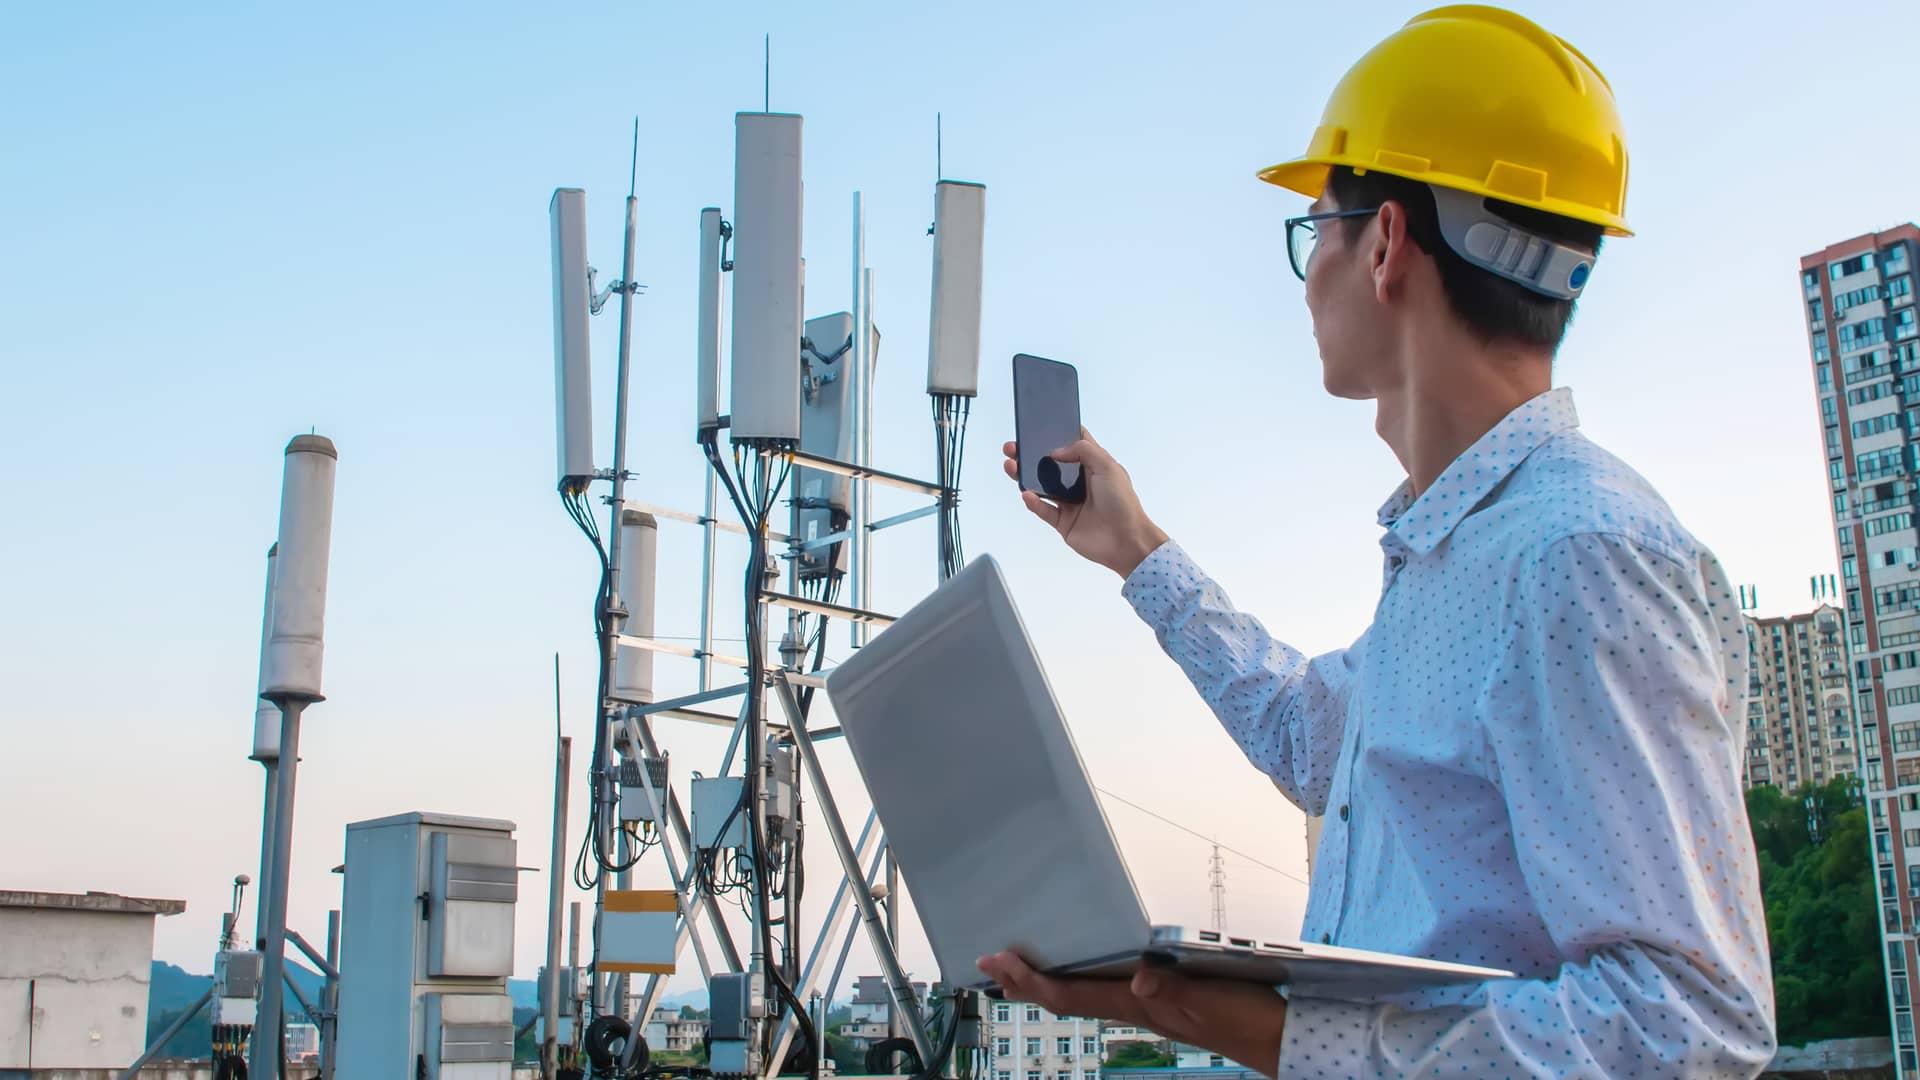 Descubre por qué tu móvil no se conecta a la red 5GHz